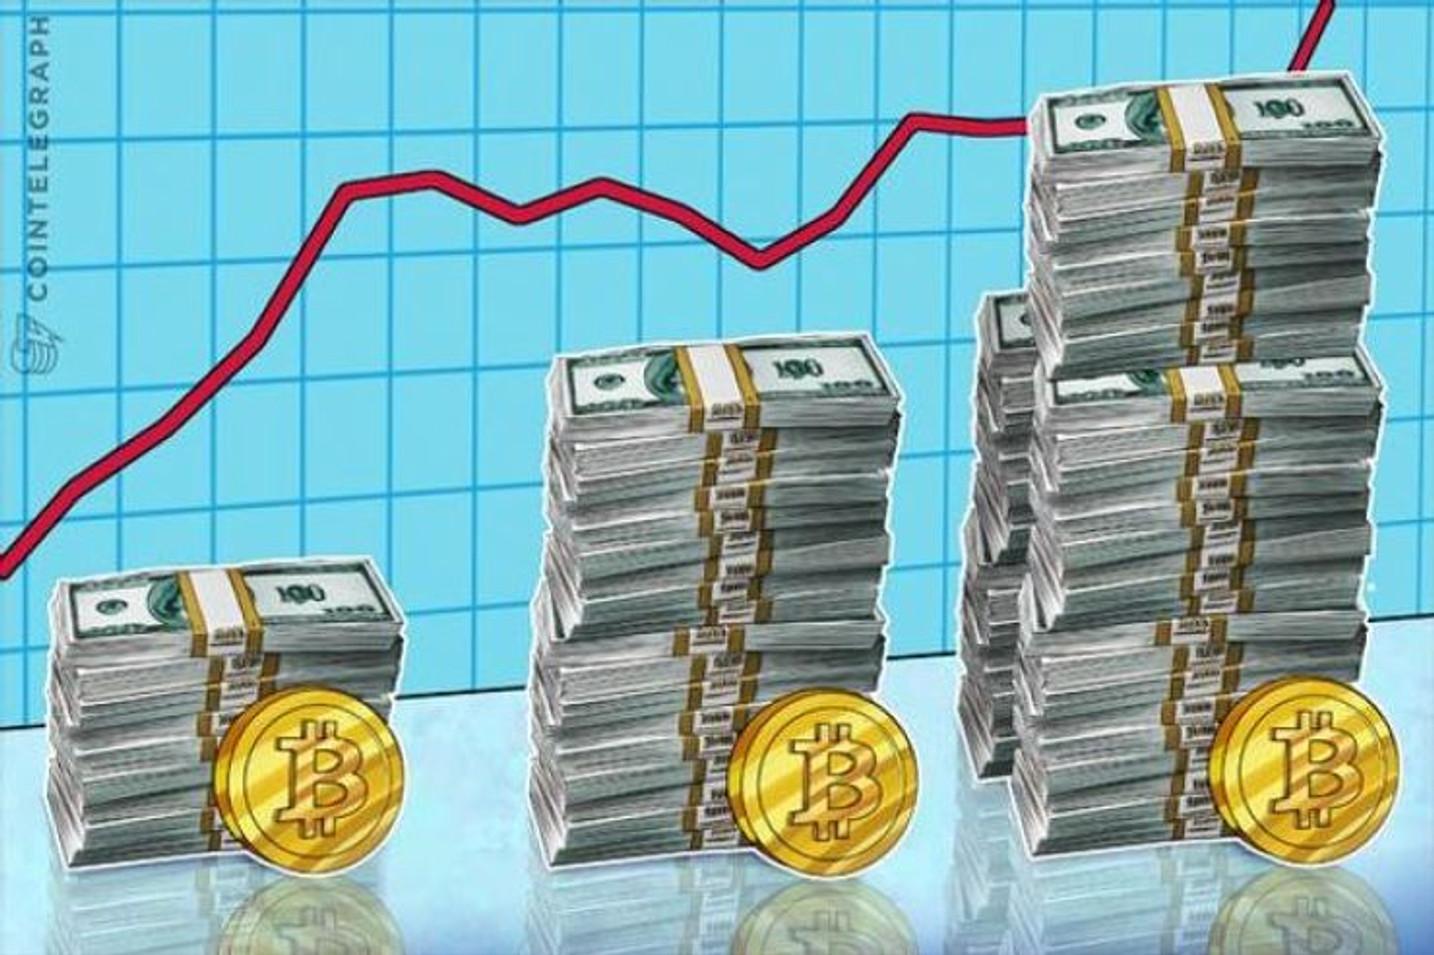 Após desvalorização de 99%, Bitcoin Banco suspende projeto Leax e irá ressacir clientes